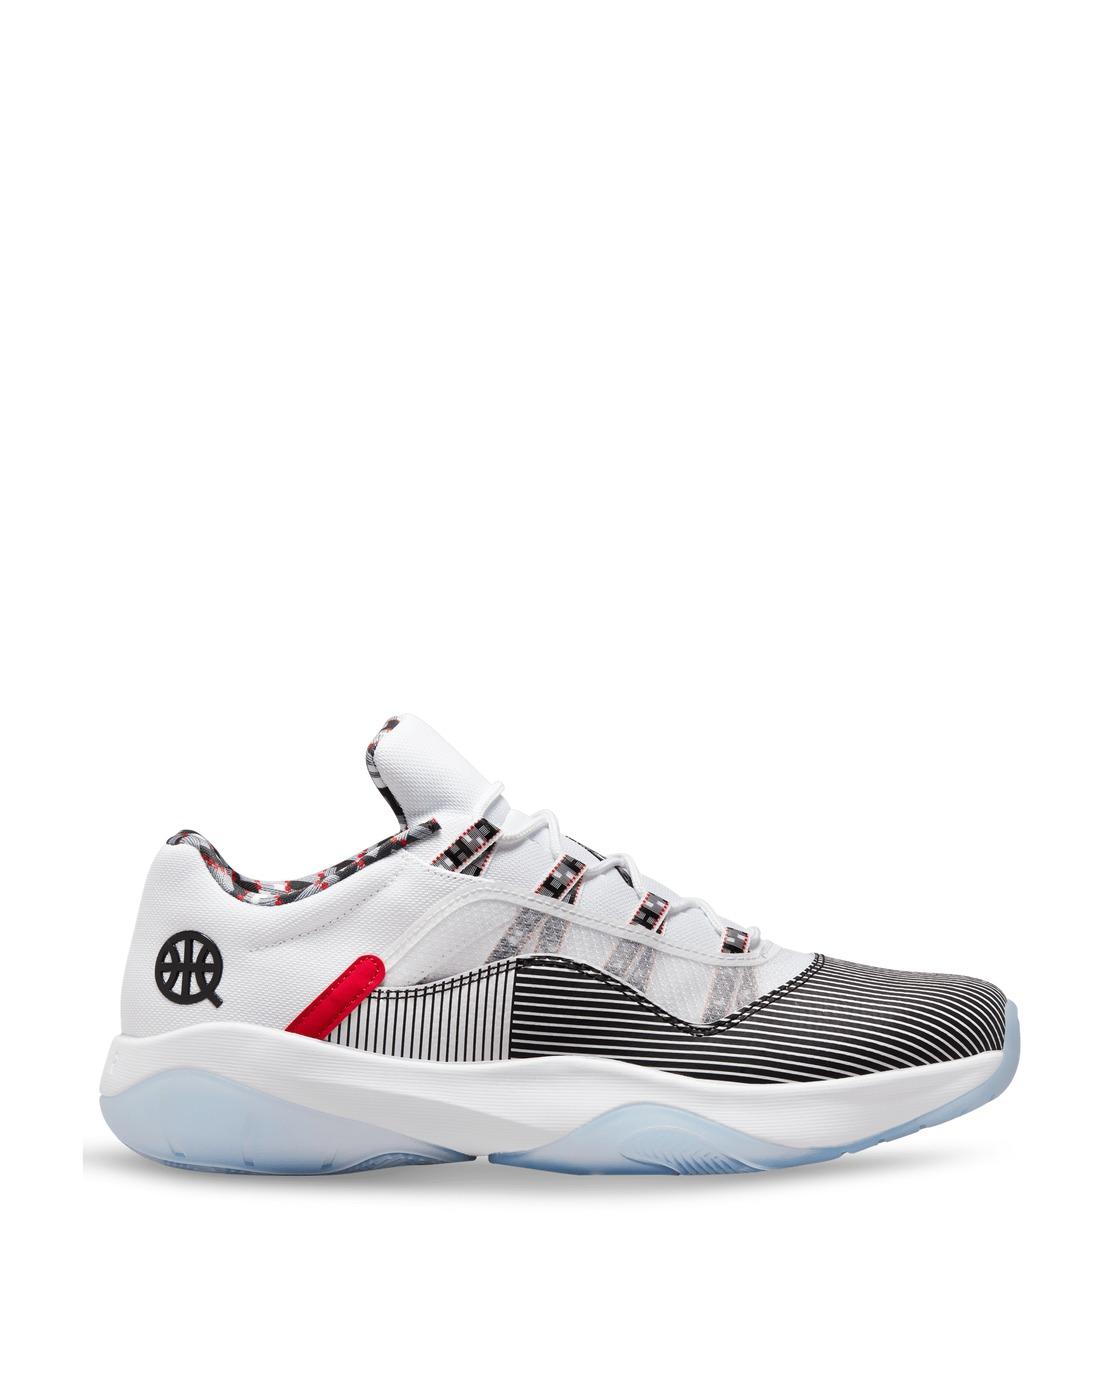 Photo: Nike Jordan Quai 54 Air Jordan 11 Cmft Low Sneakers White/Black